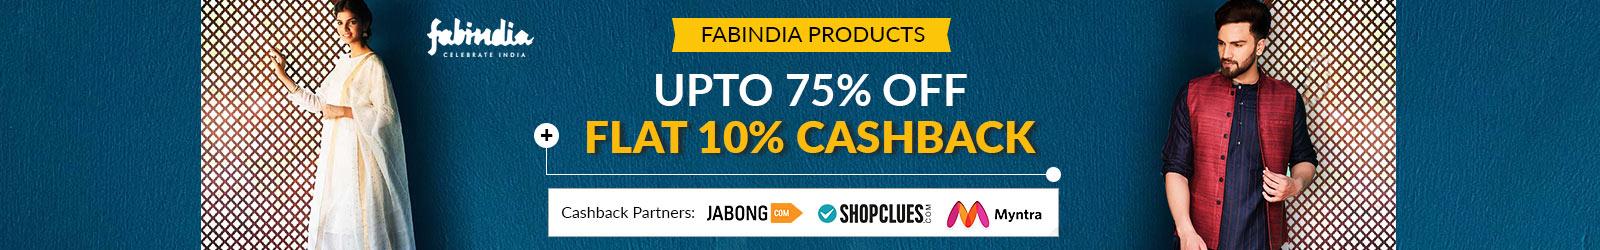 Fabindia discount coupon